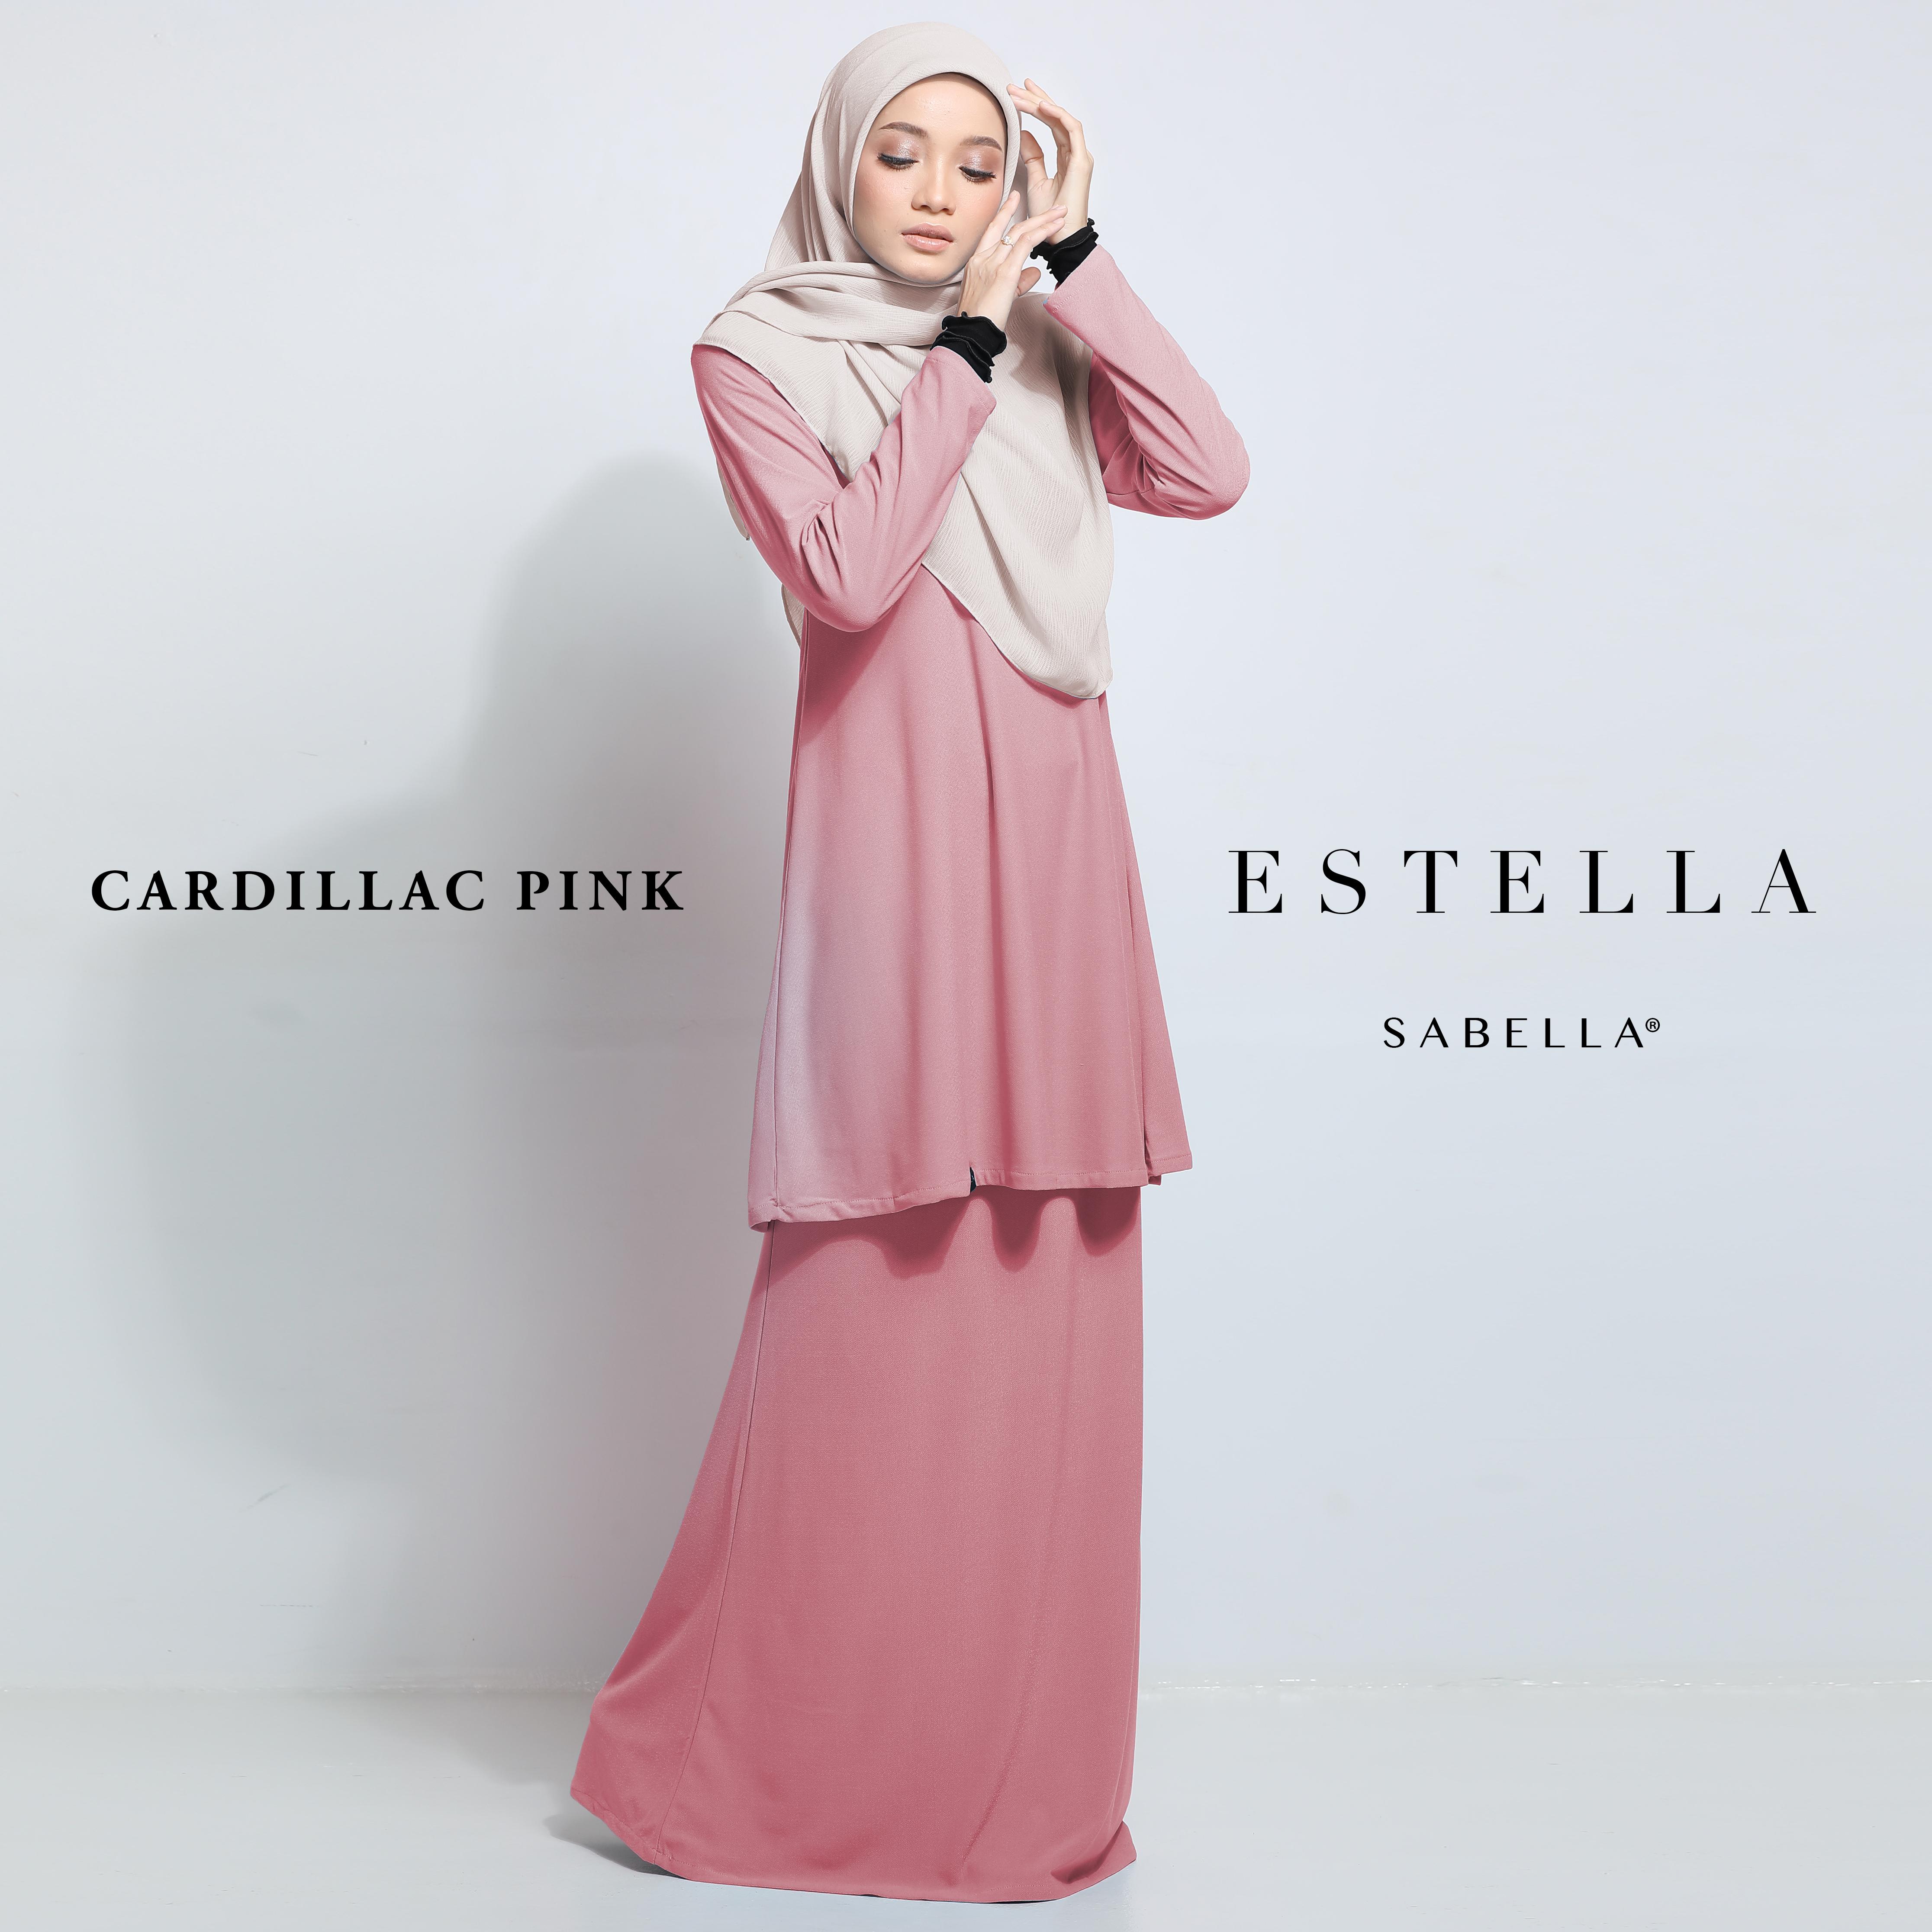 Estella 2.0 Cadillac Pink (R)